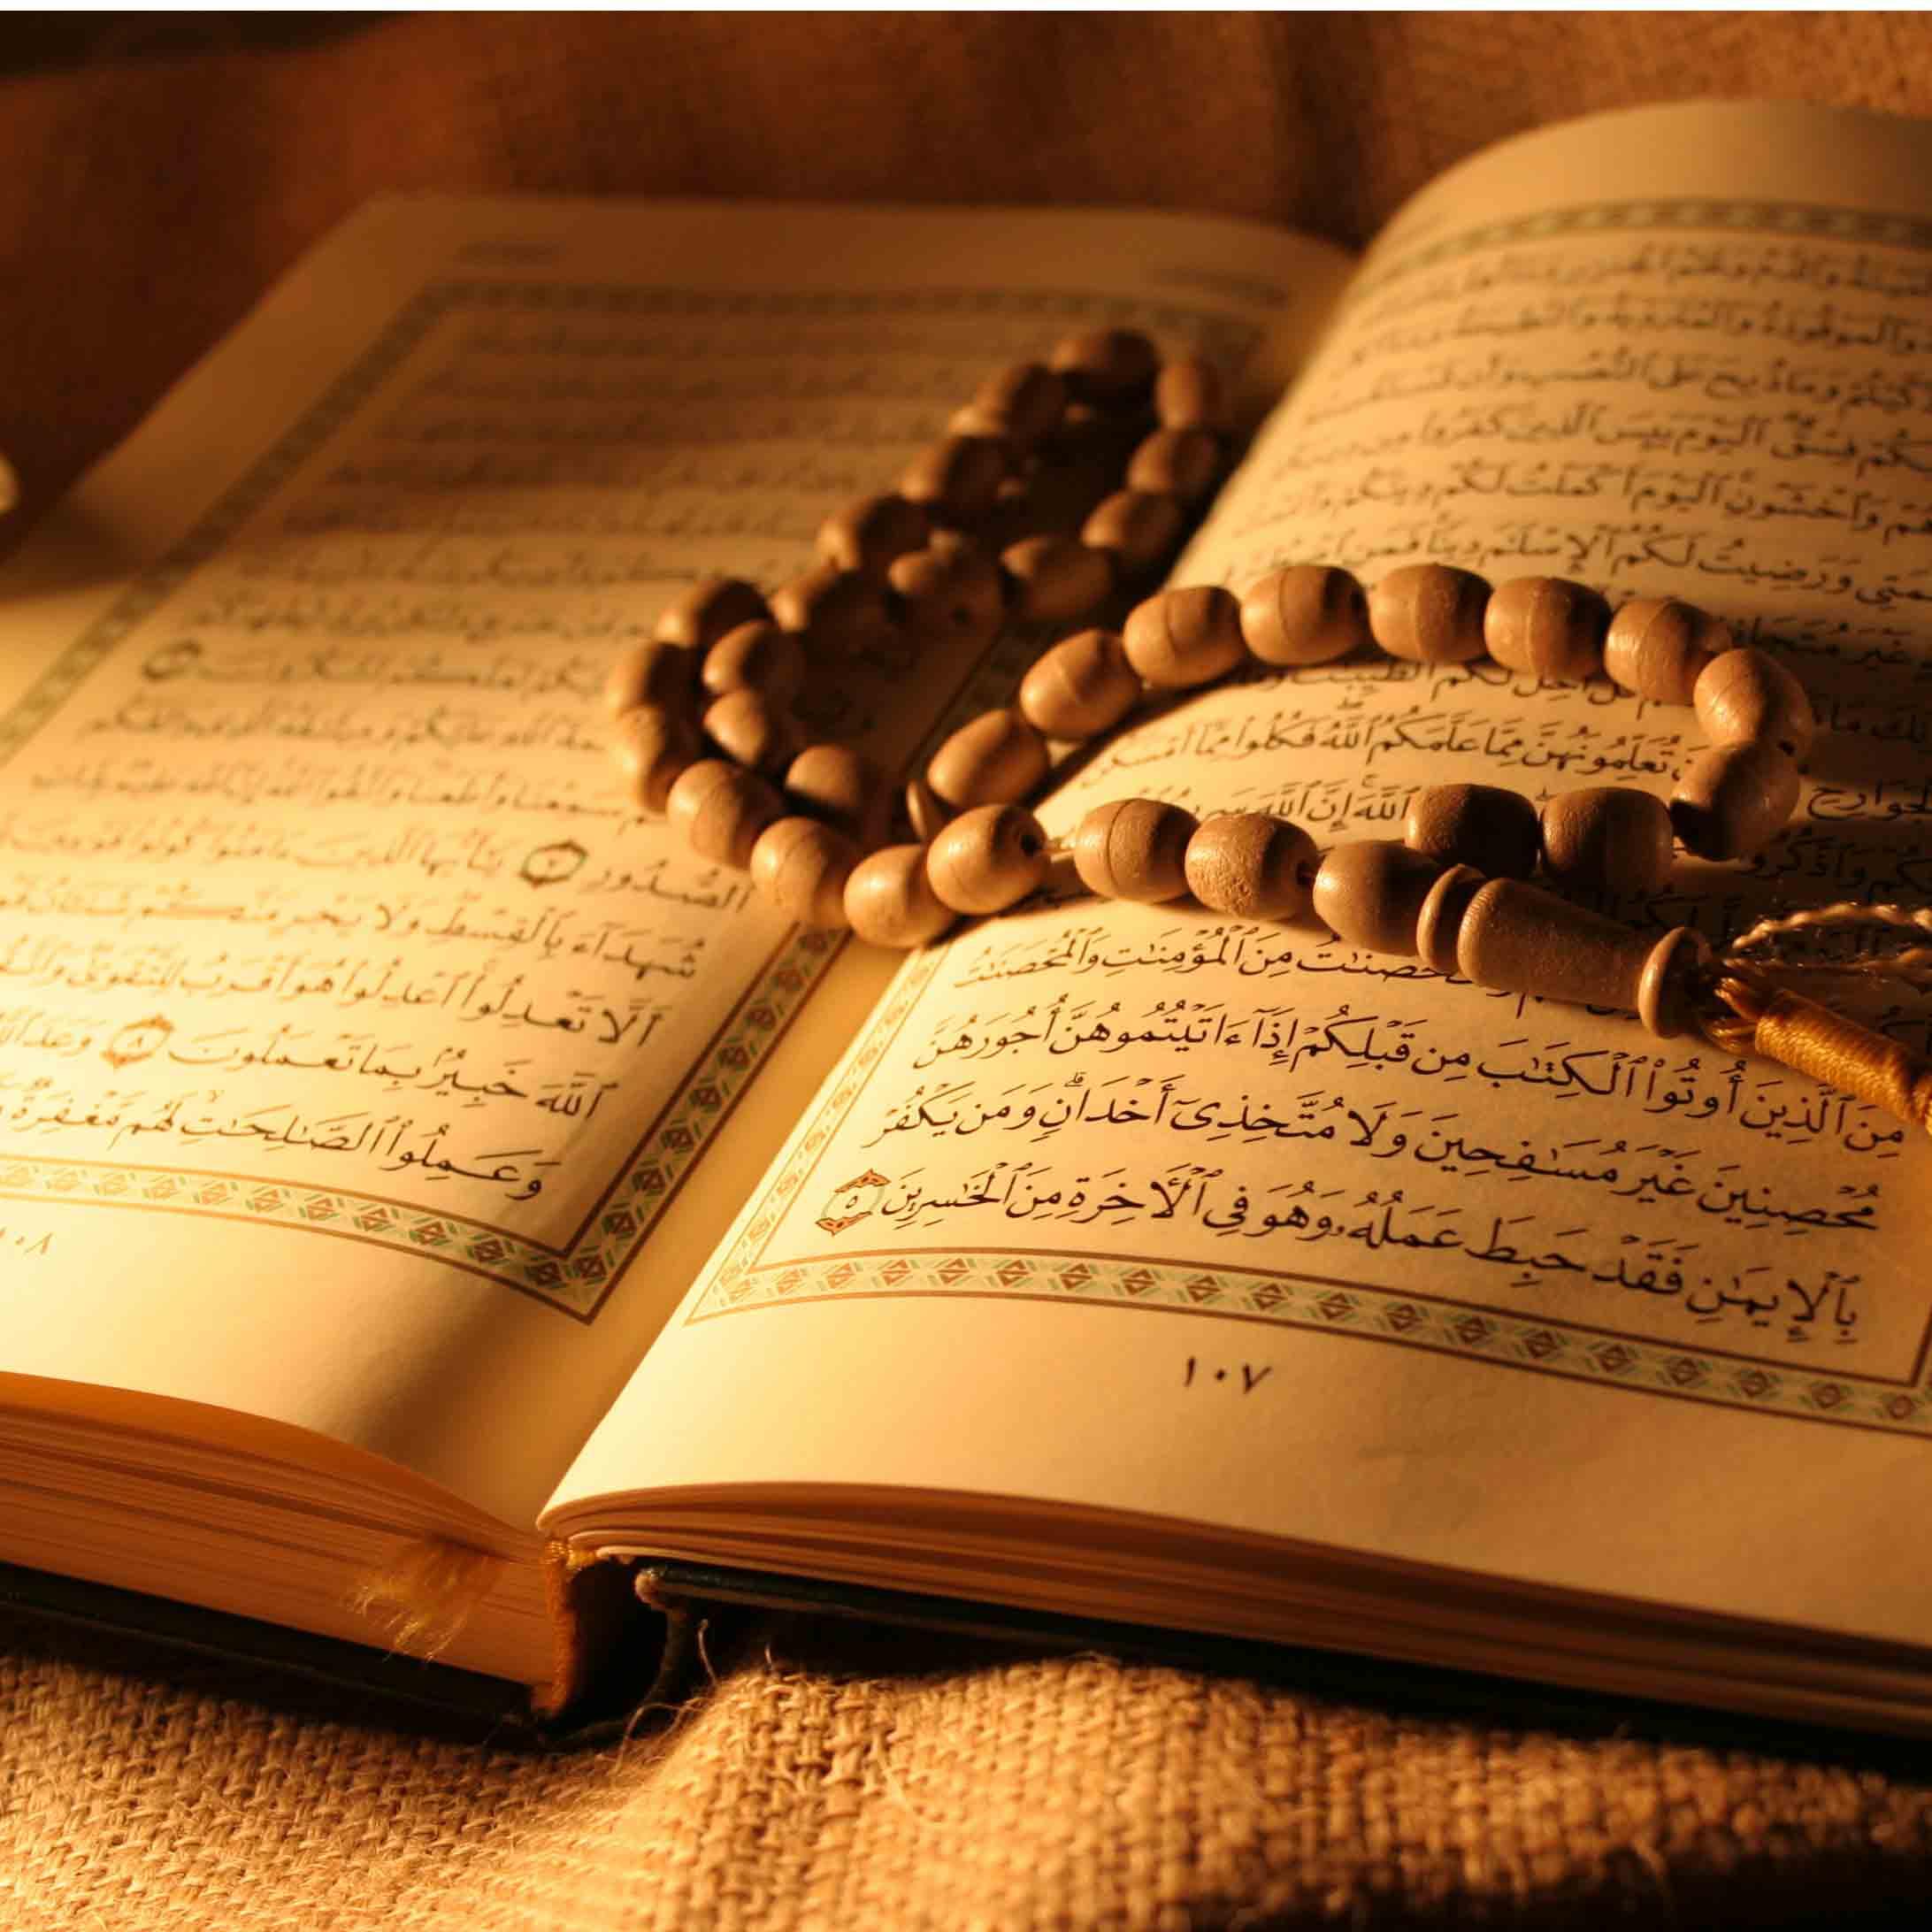 آثار و برکات فراوان قرائت و خواندن تمام سوره های قرآن